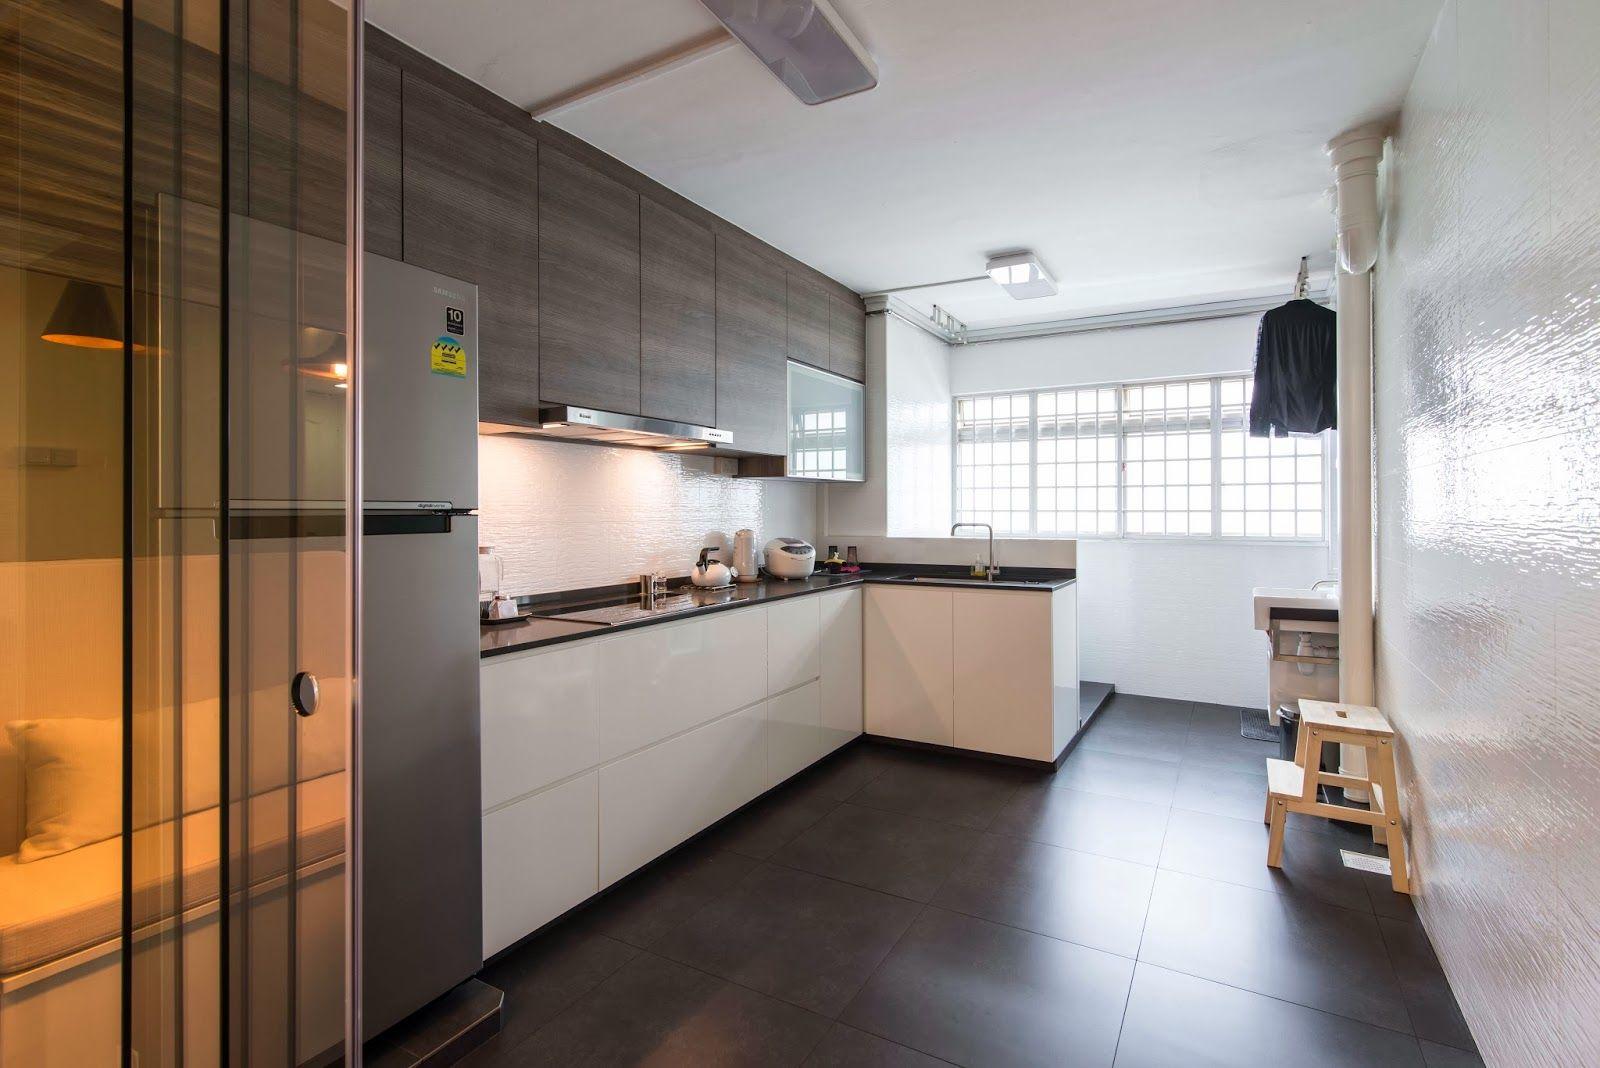 hdb 3 rooms interior design kitchen designs layout interior design guide modern kitchen design on kitchen ideas singapore id=74248